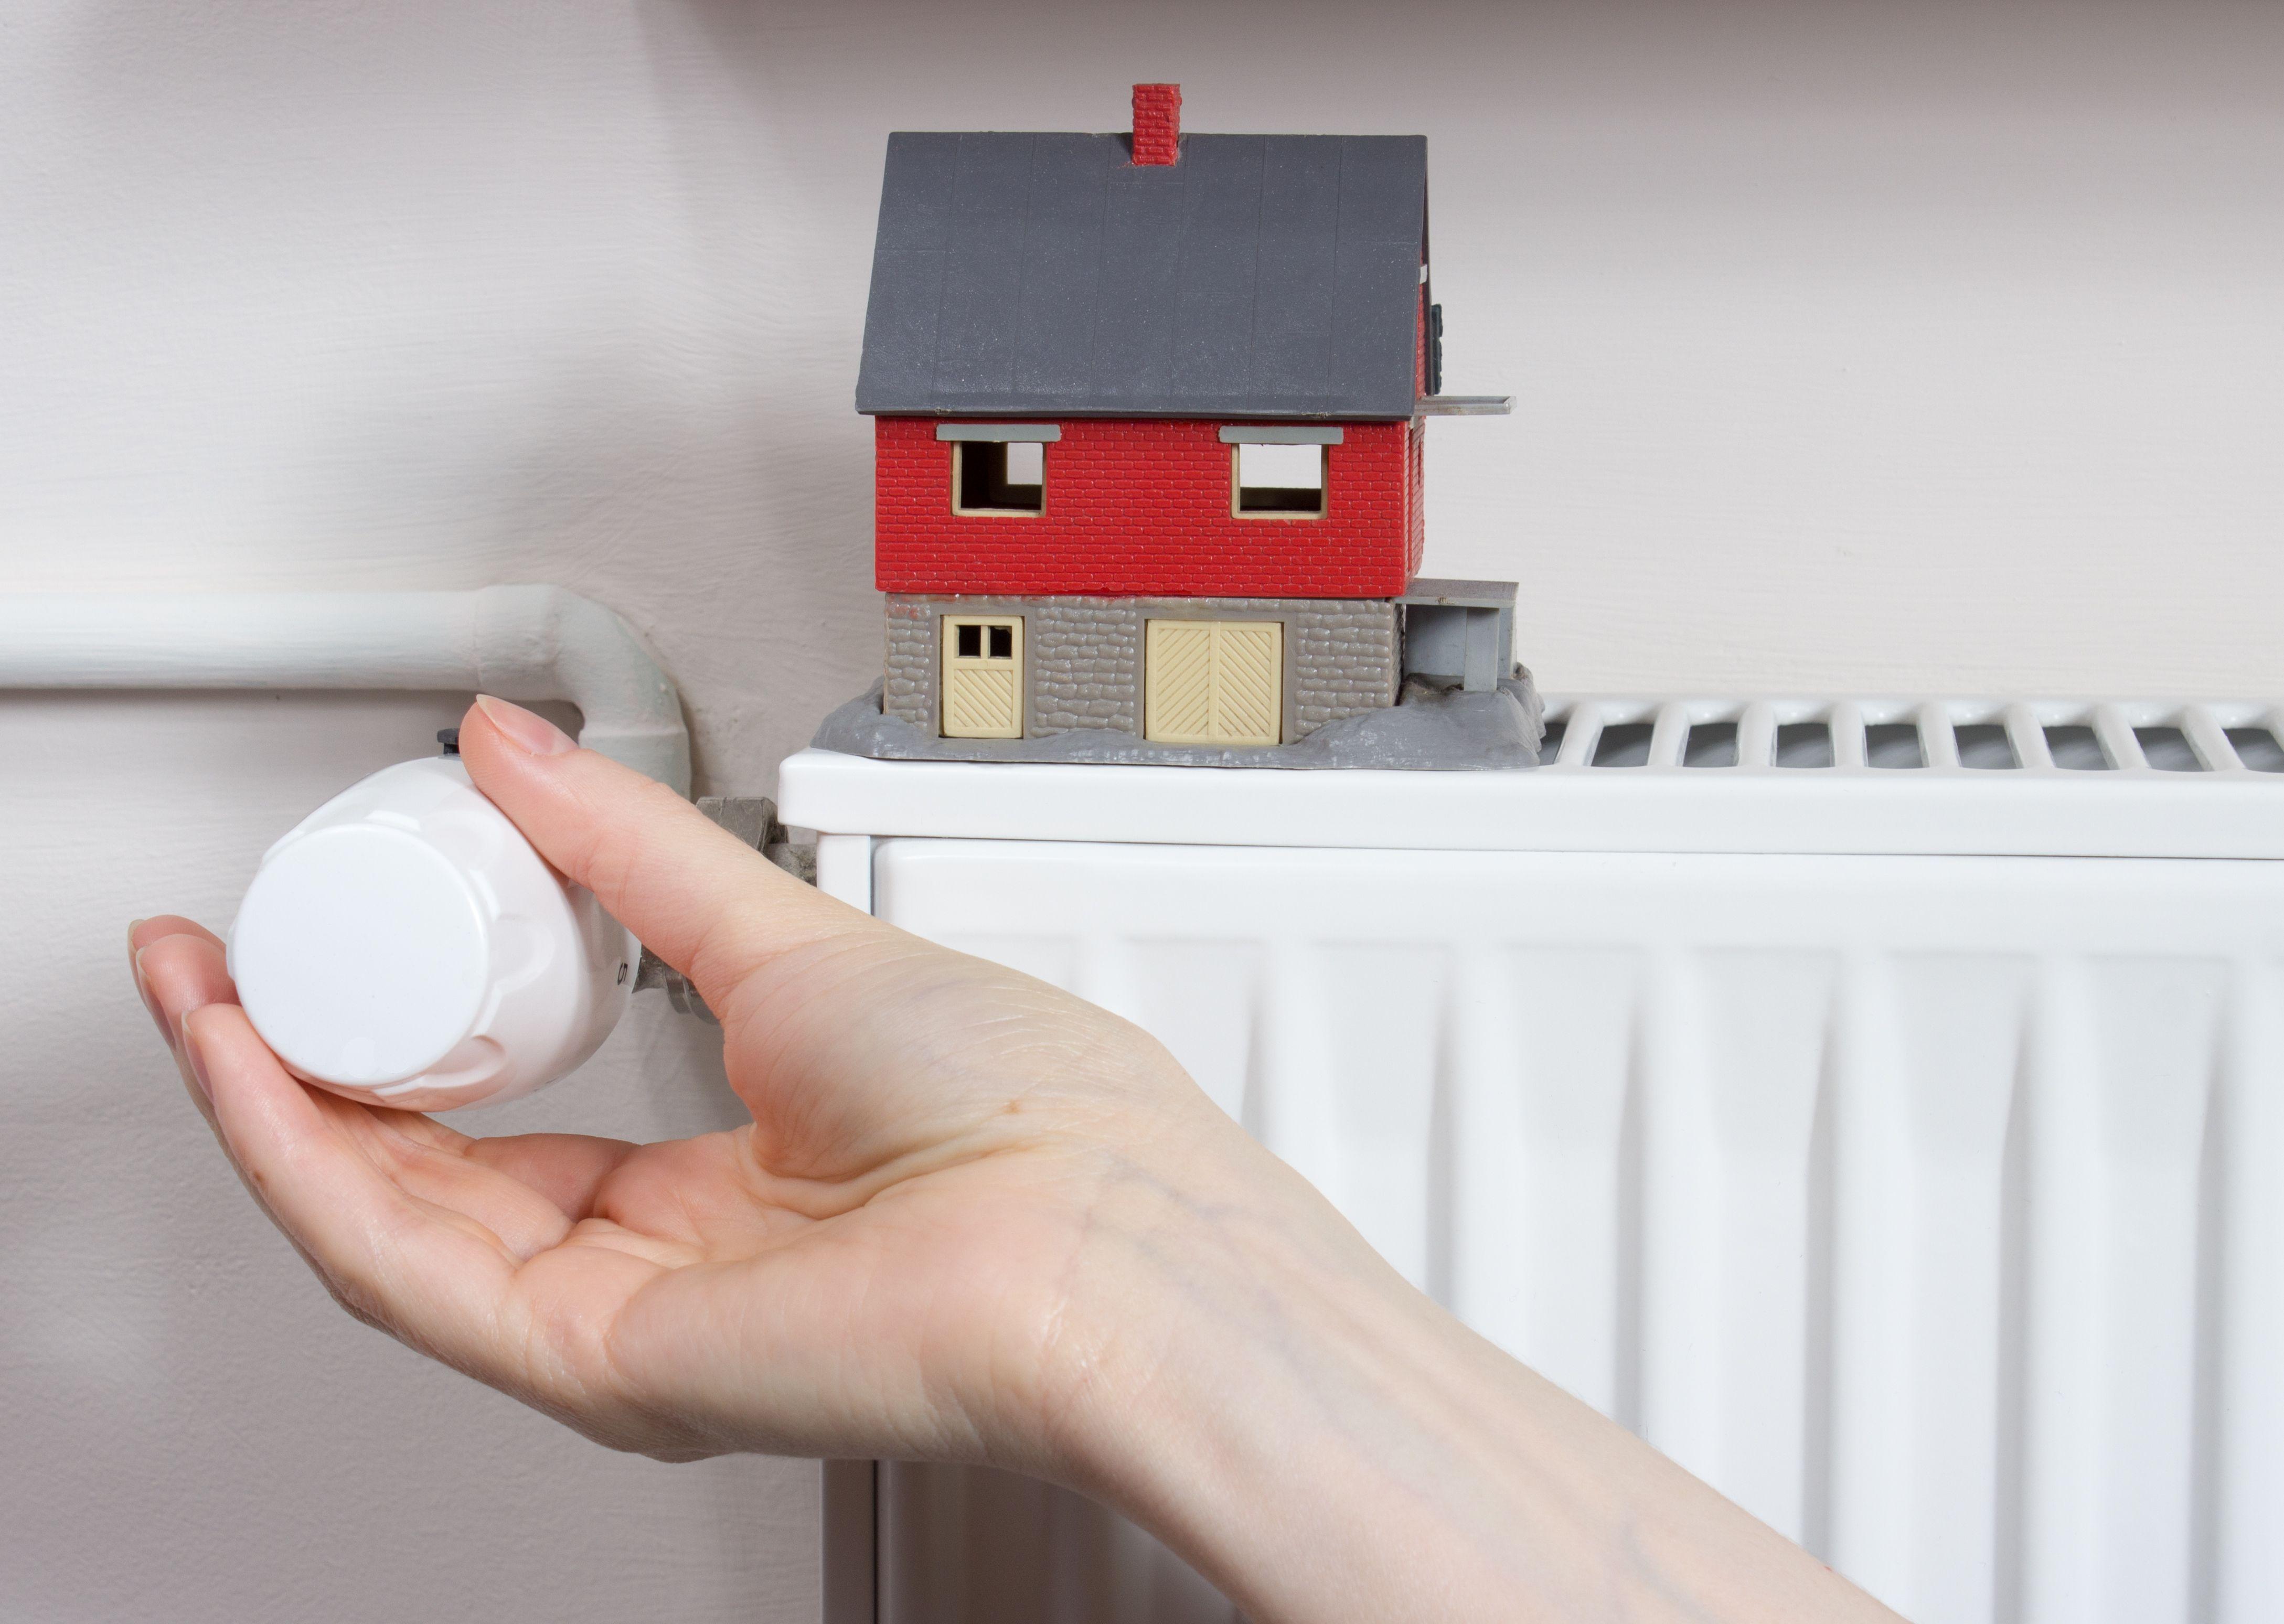 Venta e instalación de calefacción eléctrica